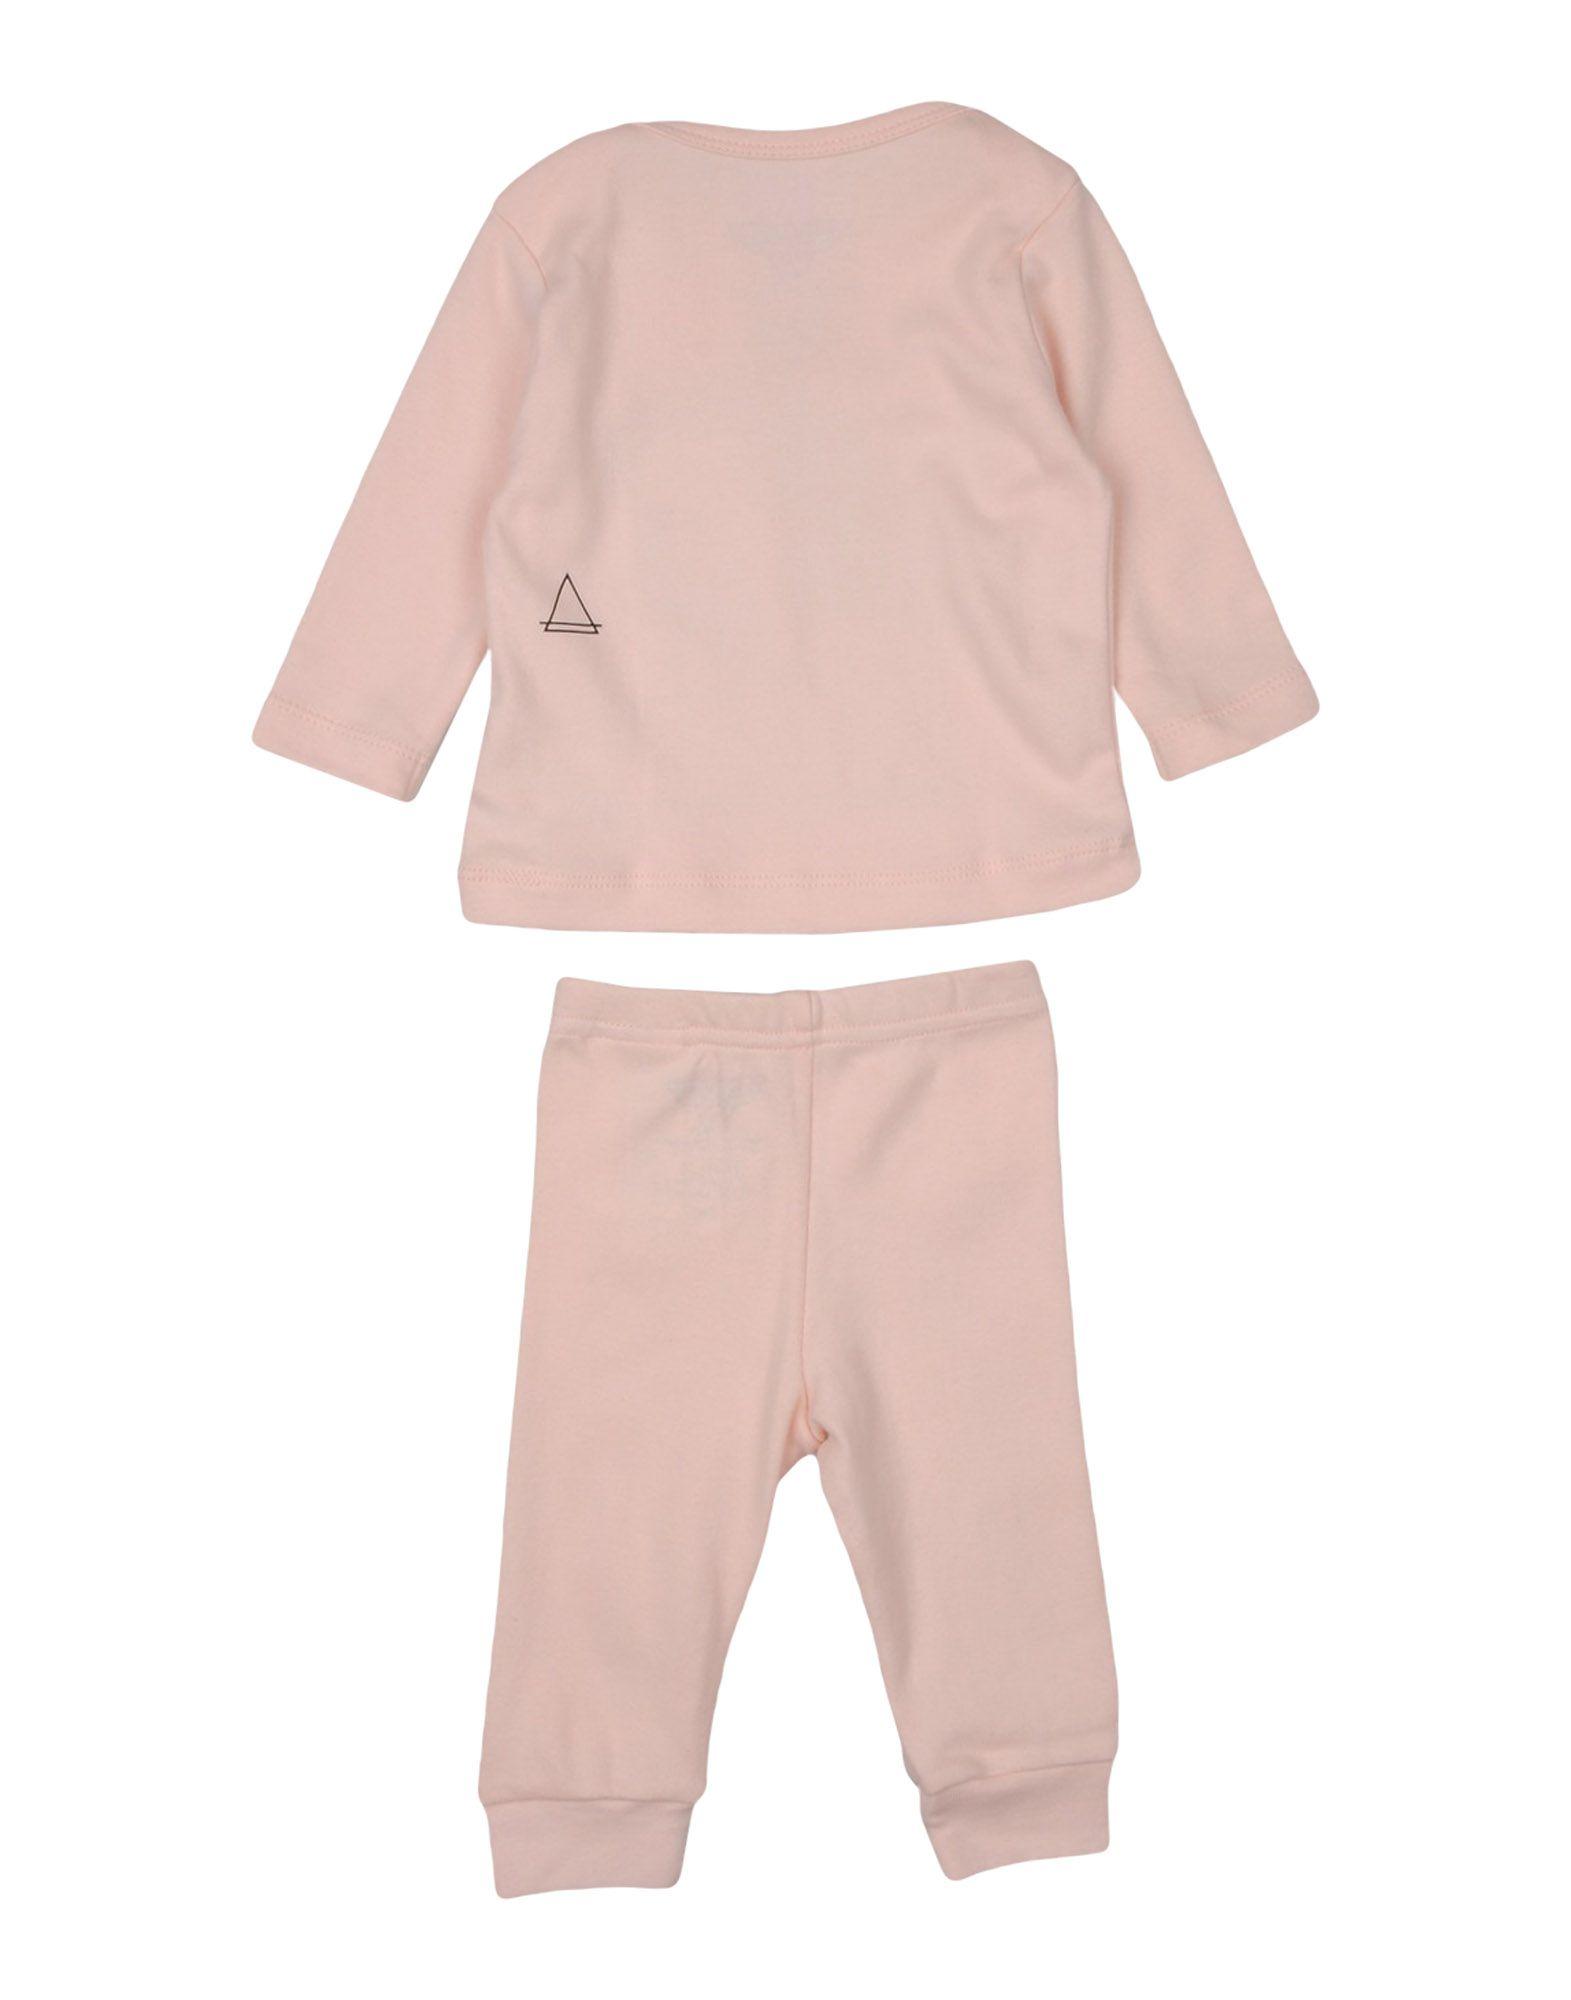 LITTLE ELEVEN PARIS Mädchen 0-24 monate Set Farbe Hellrosa Größe 8 jetztbilligerkaufen